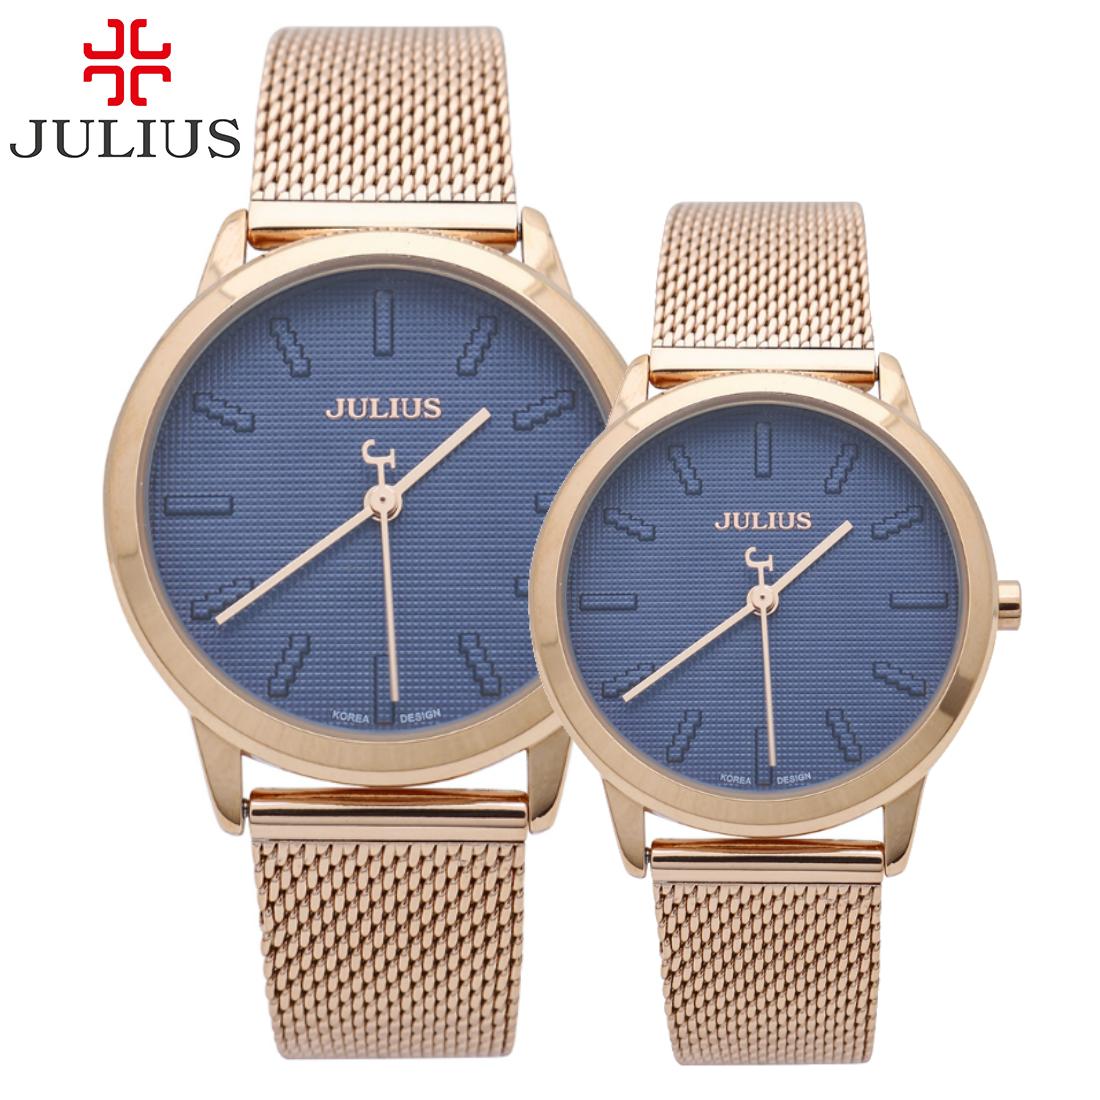 Đồng hồ cặp julius ja-982